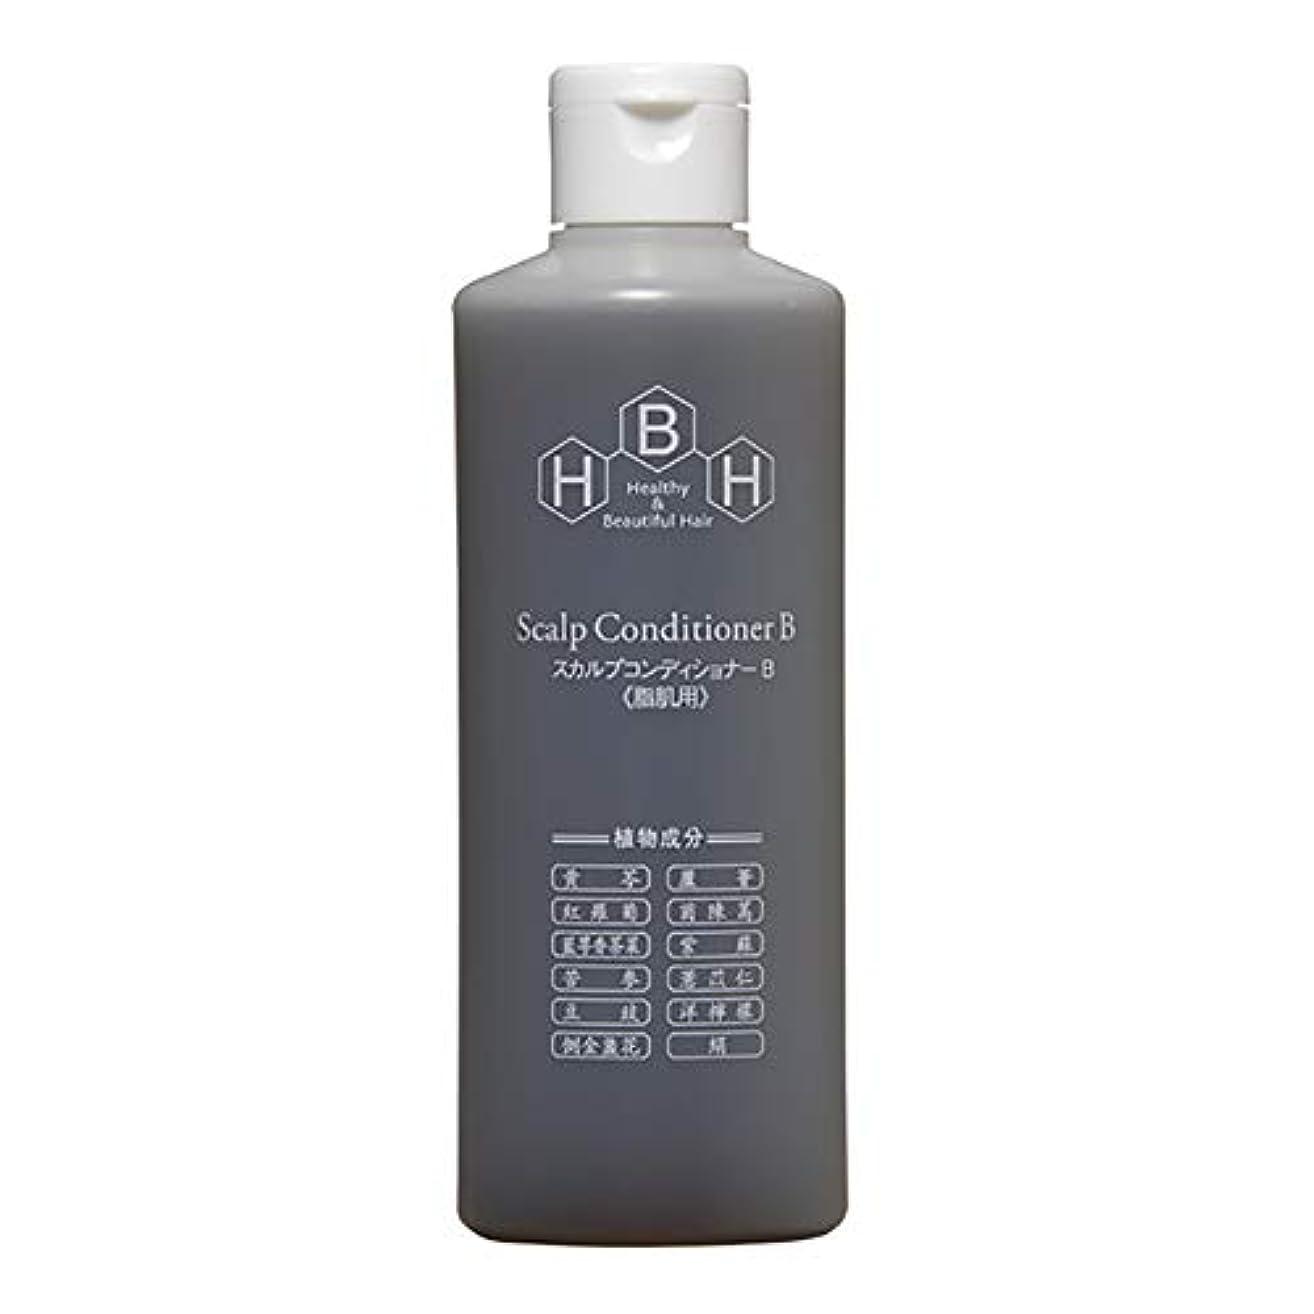 枯渇バランスアストロラーベリーブ21 スカルプコンディショナーB 脂性肌用 300ml 育毛 コンディショナー 皮脂